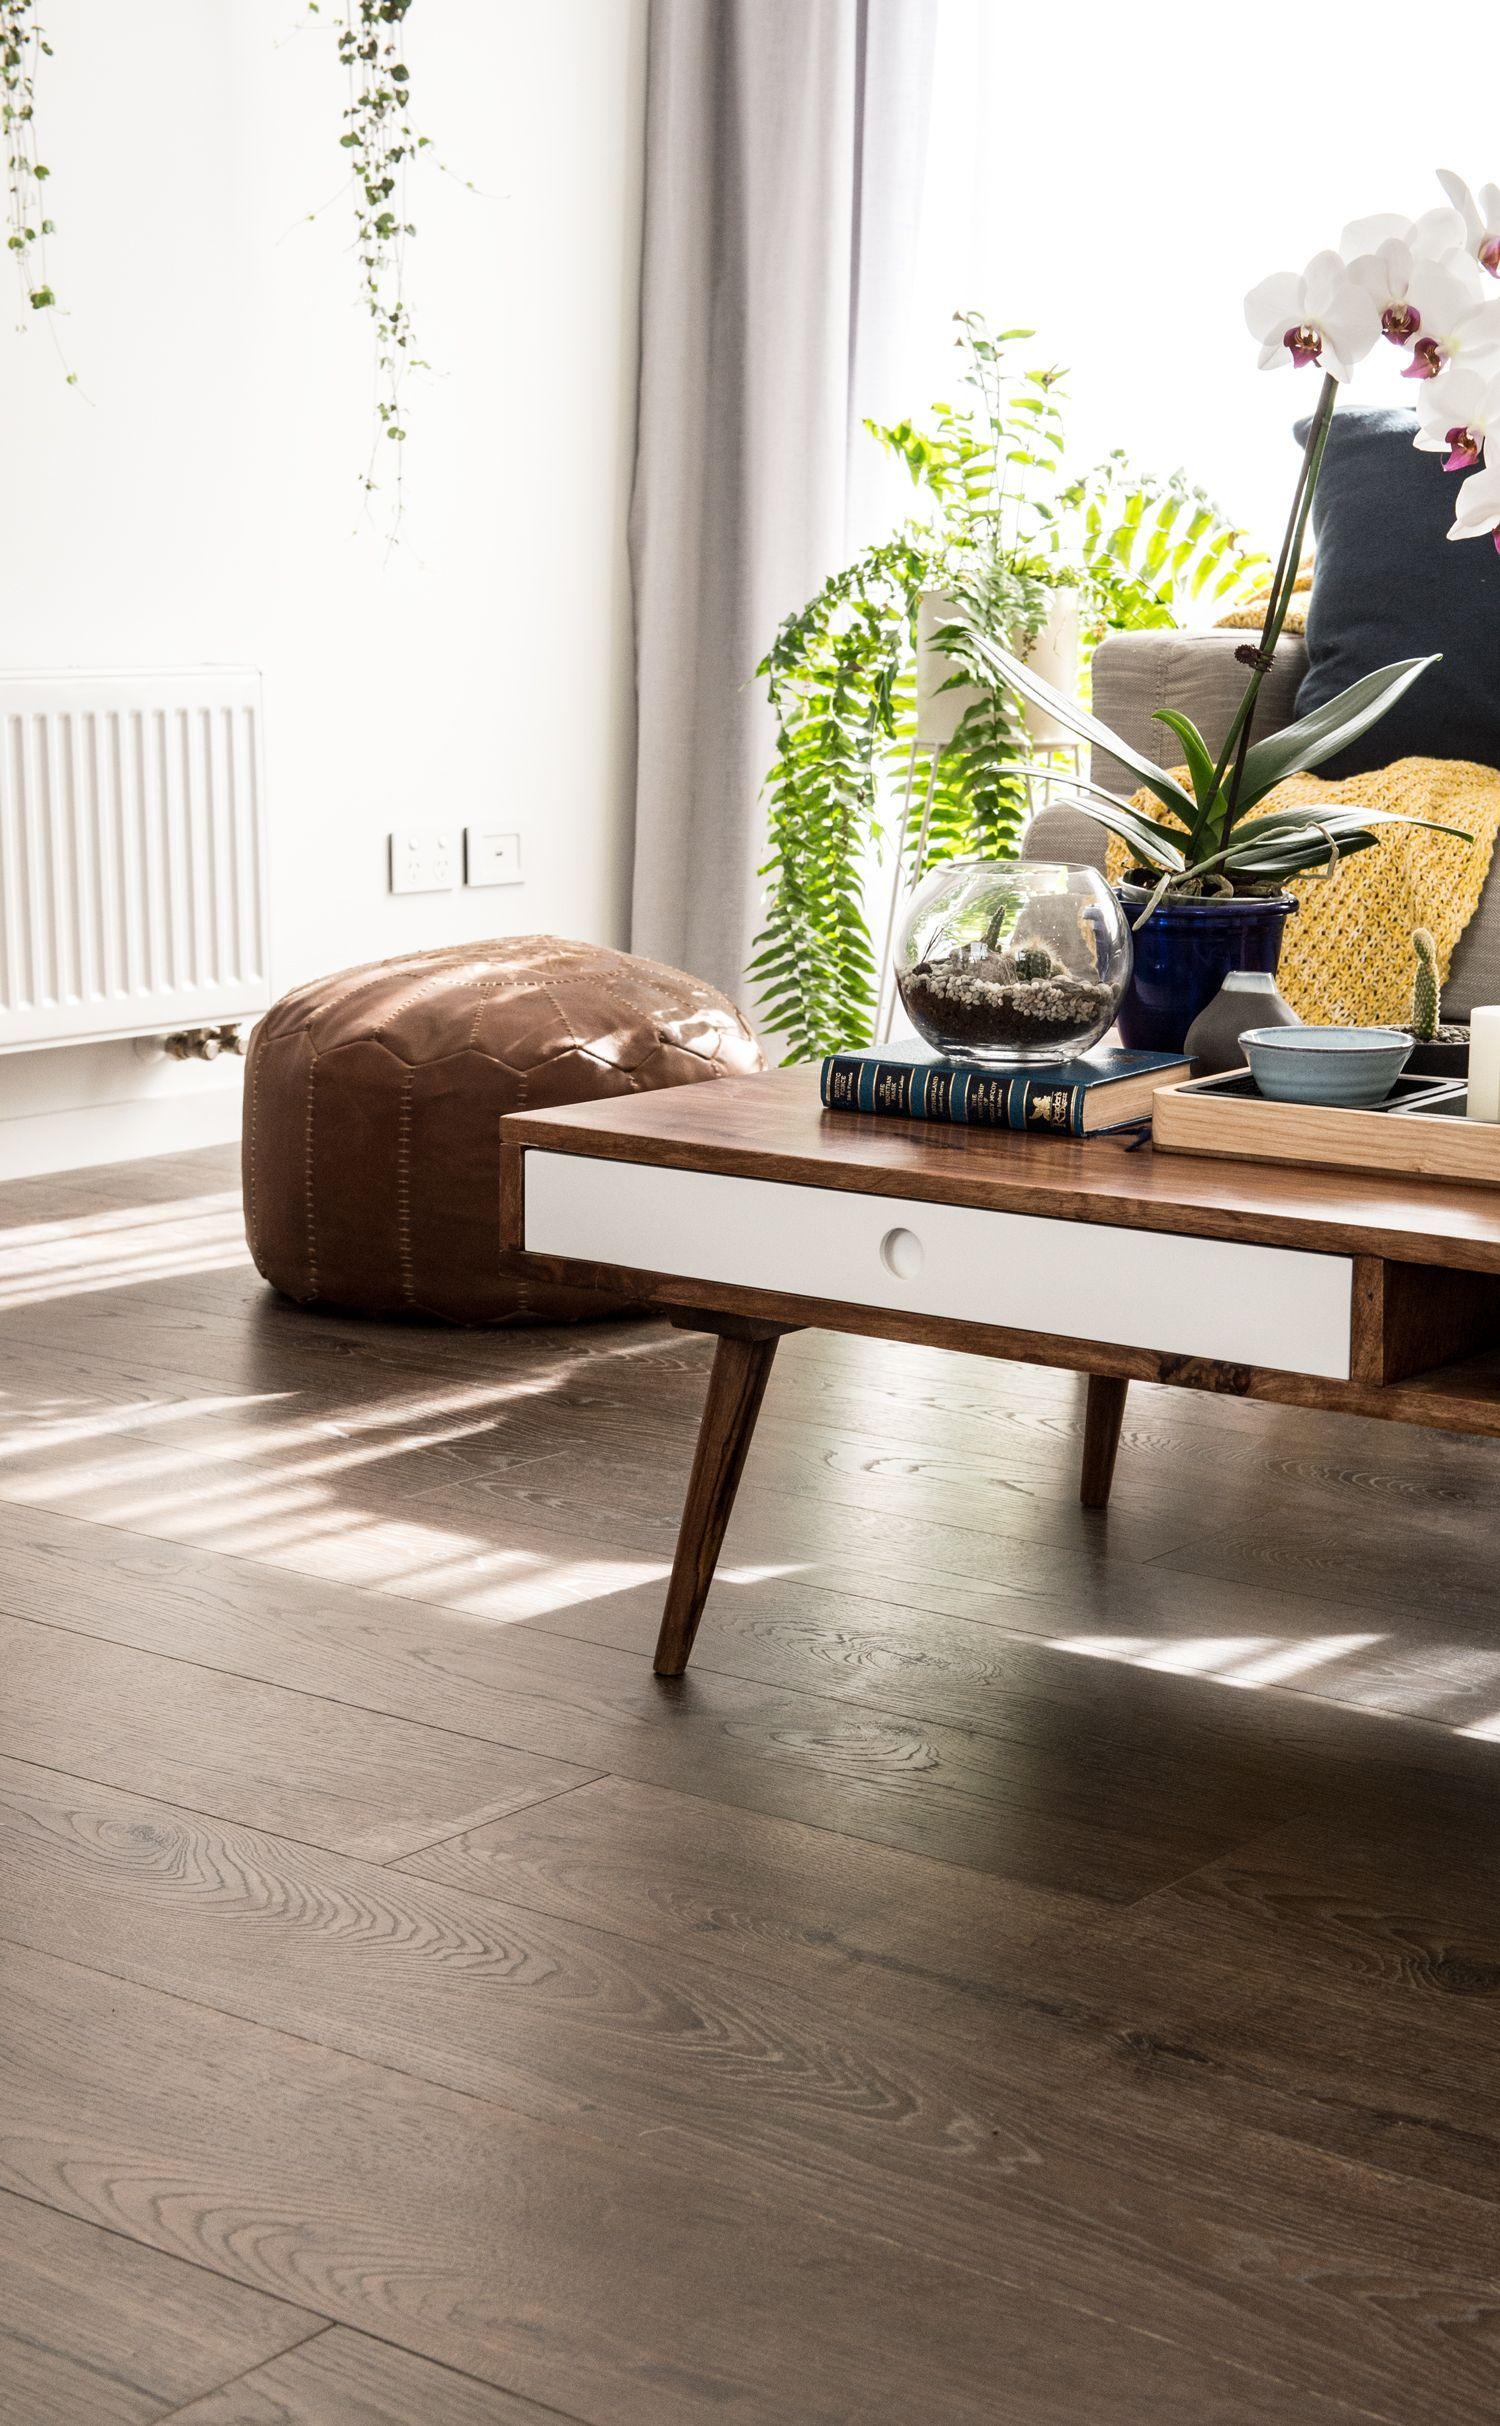 Vue Laminate Flooring In Mountain Oak Heritage Brown Is A Premium Floor